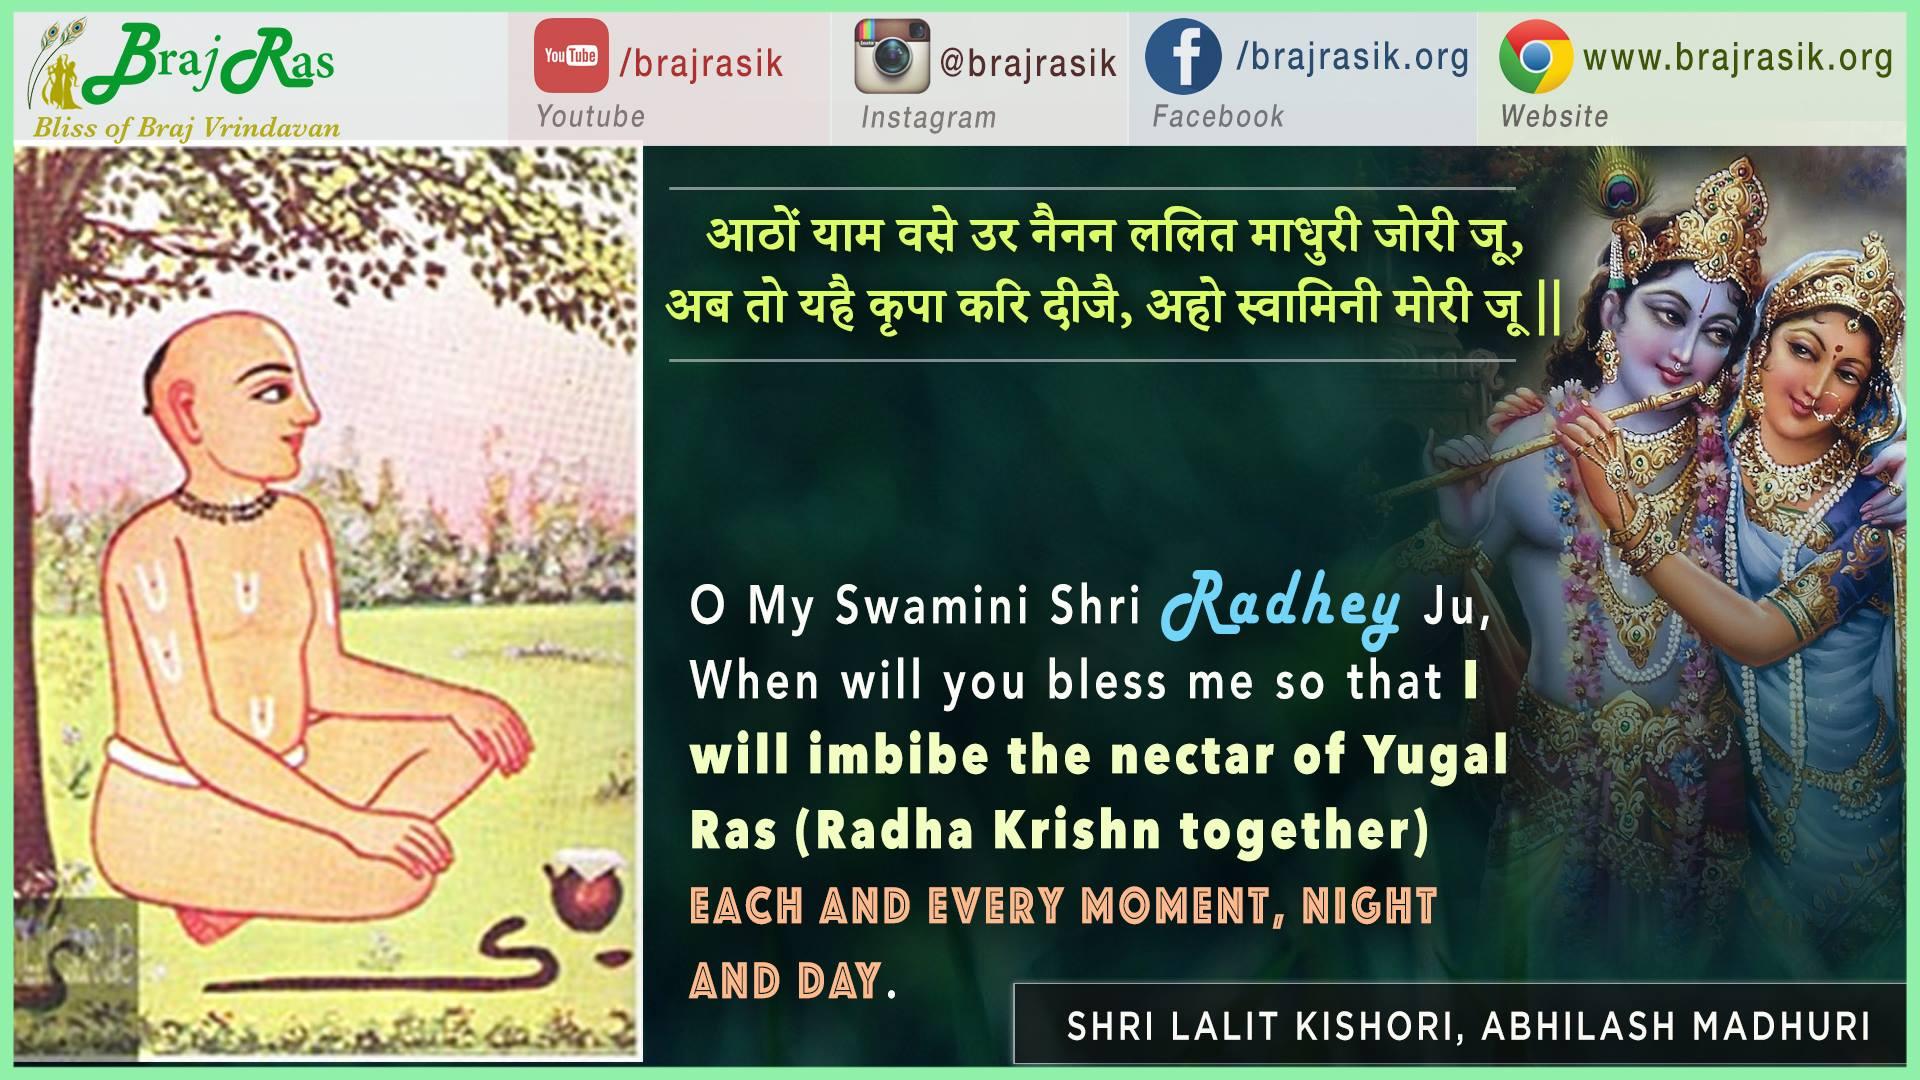 Aathon Yam Vase Ura Nainan - Shri Lalit Kishori, Abhilash Madhuri